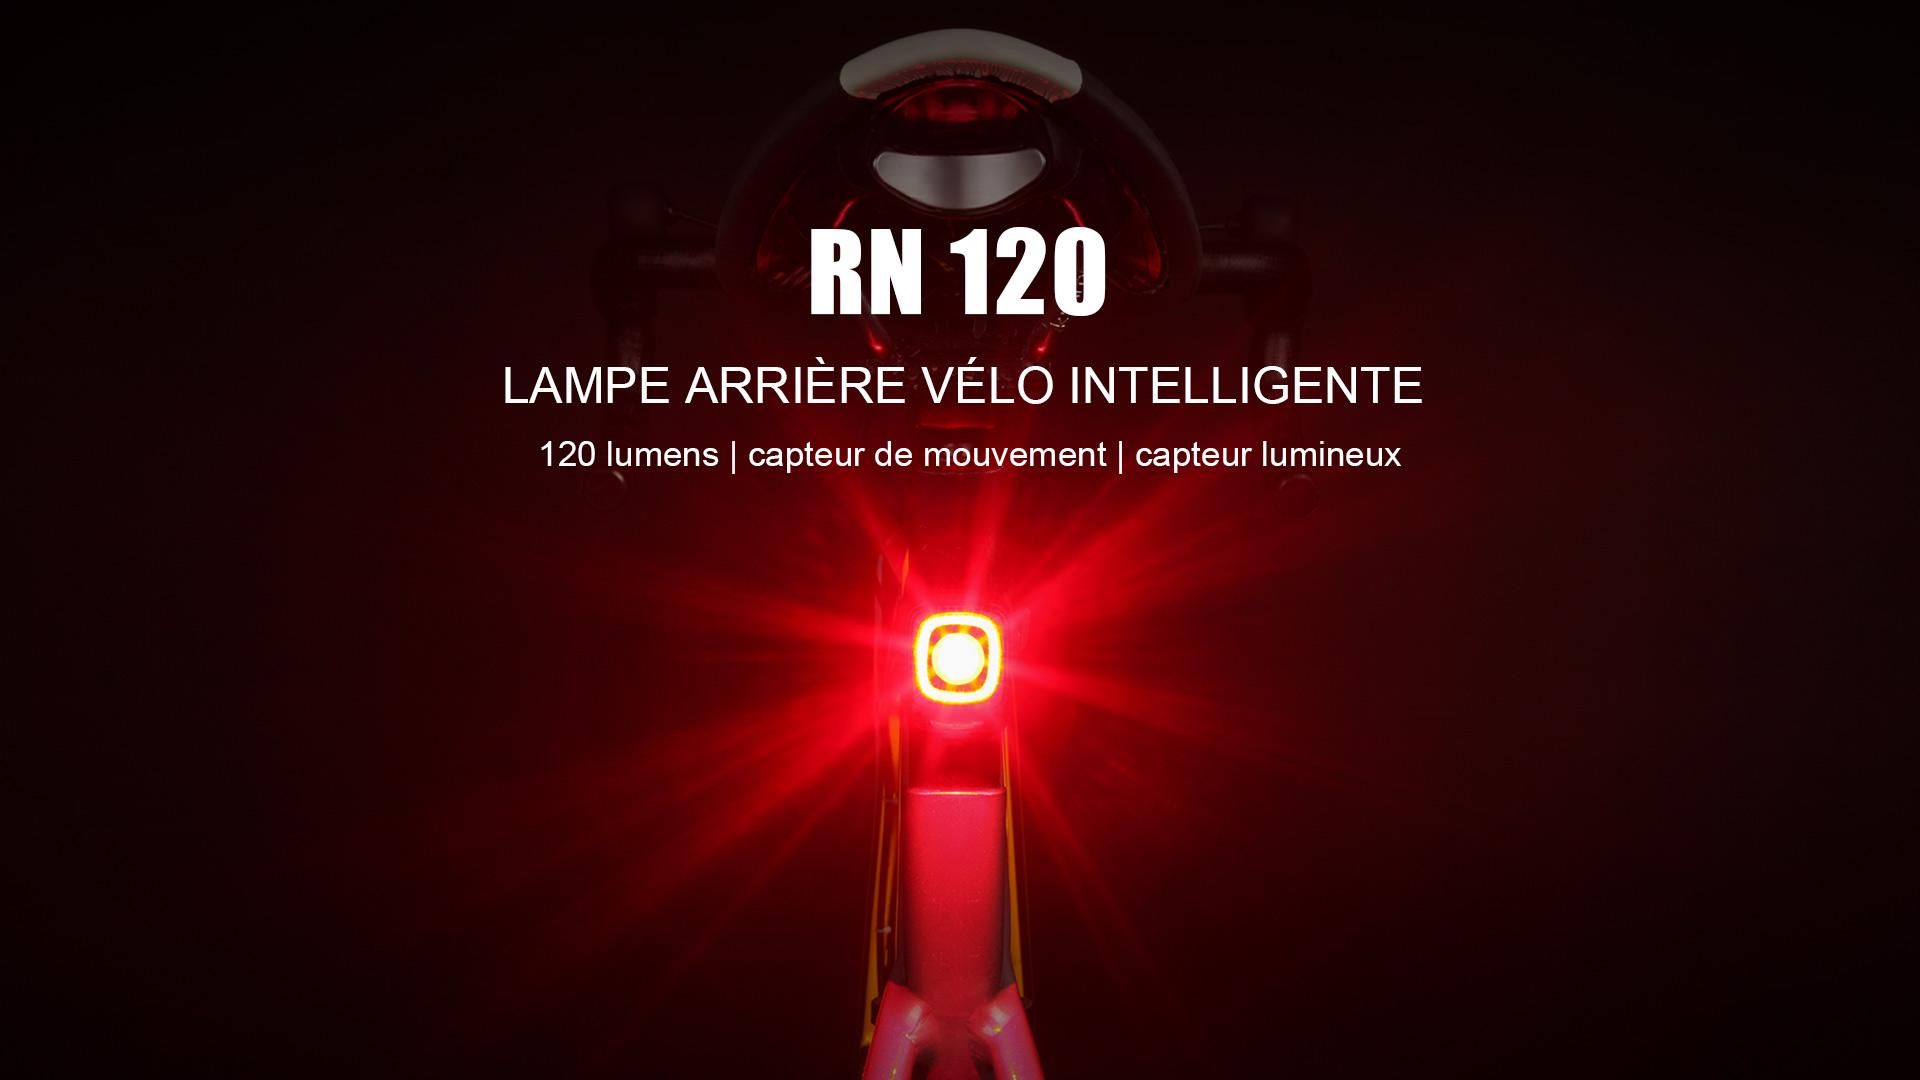 RN 120 Lampe Intelligente Arrière Vélo 120 Lumens